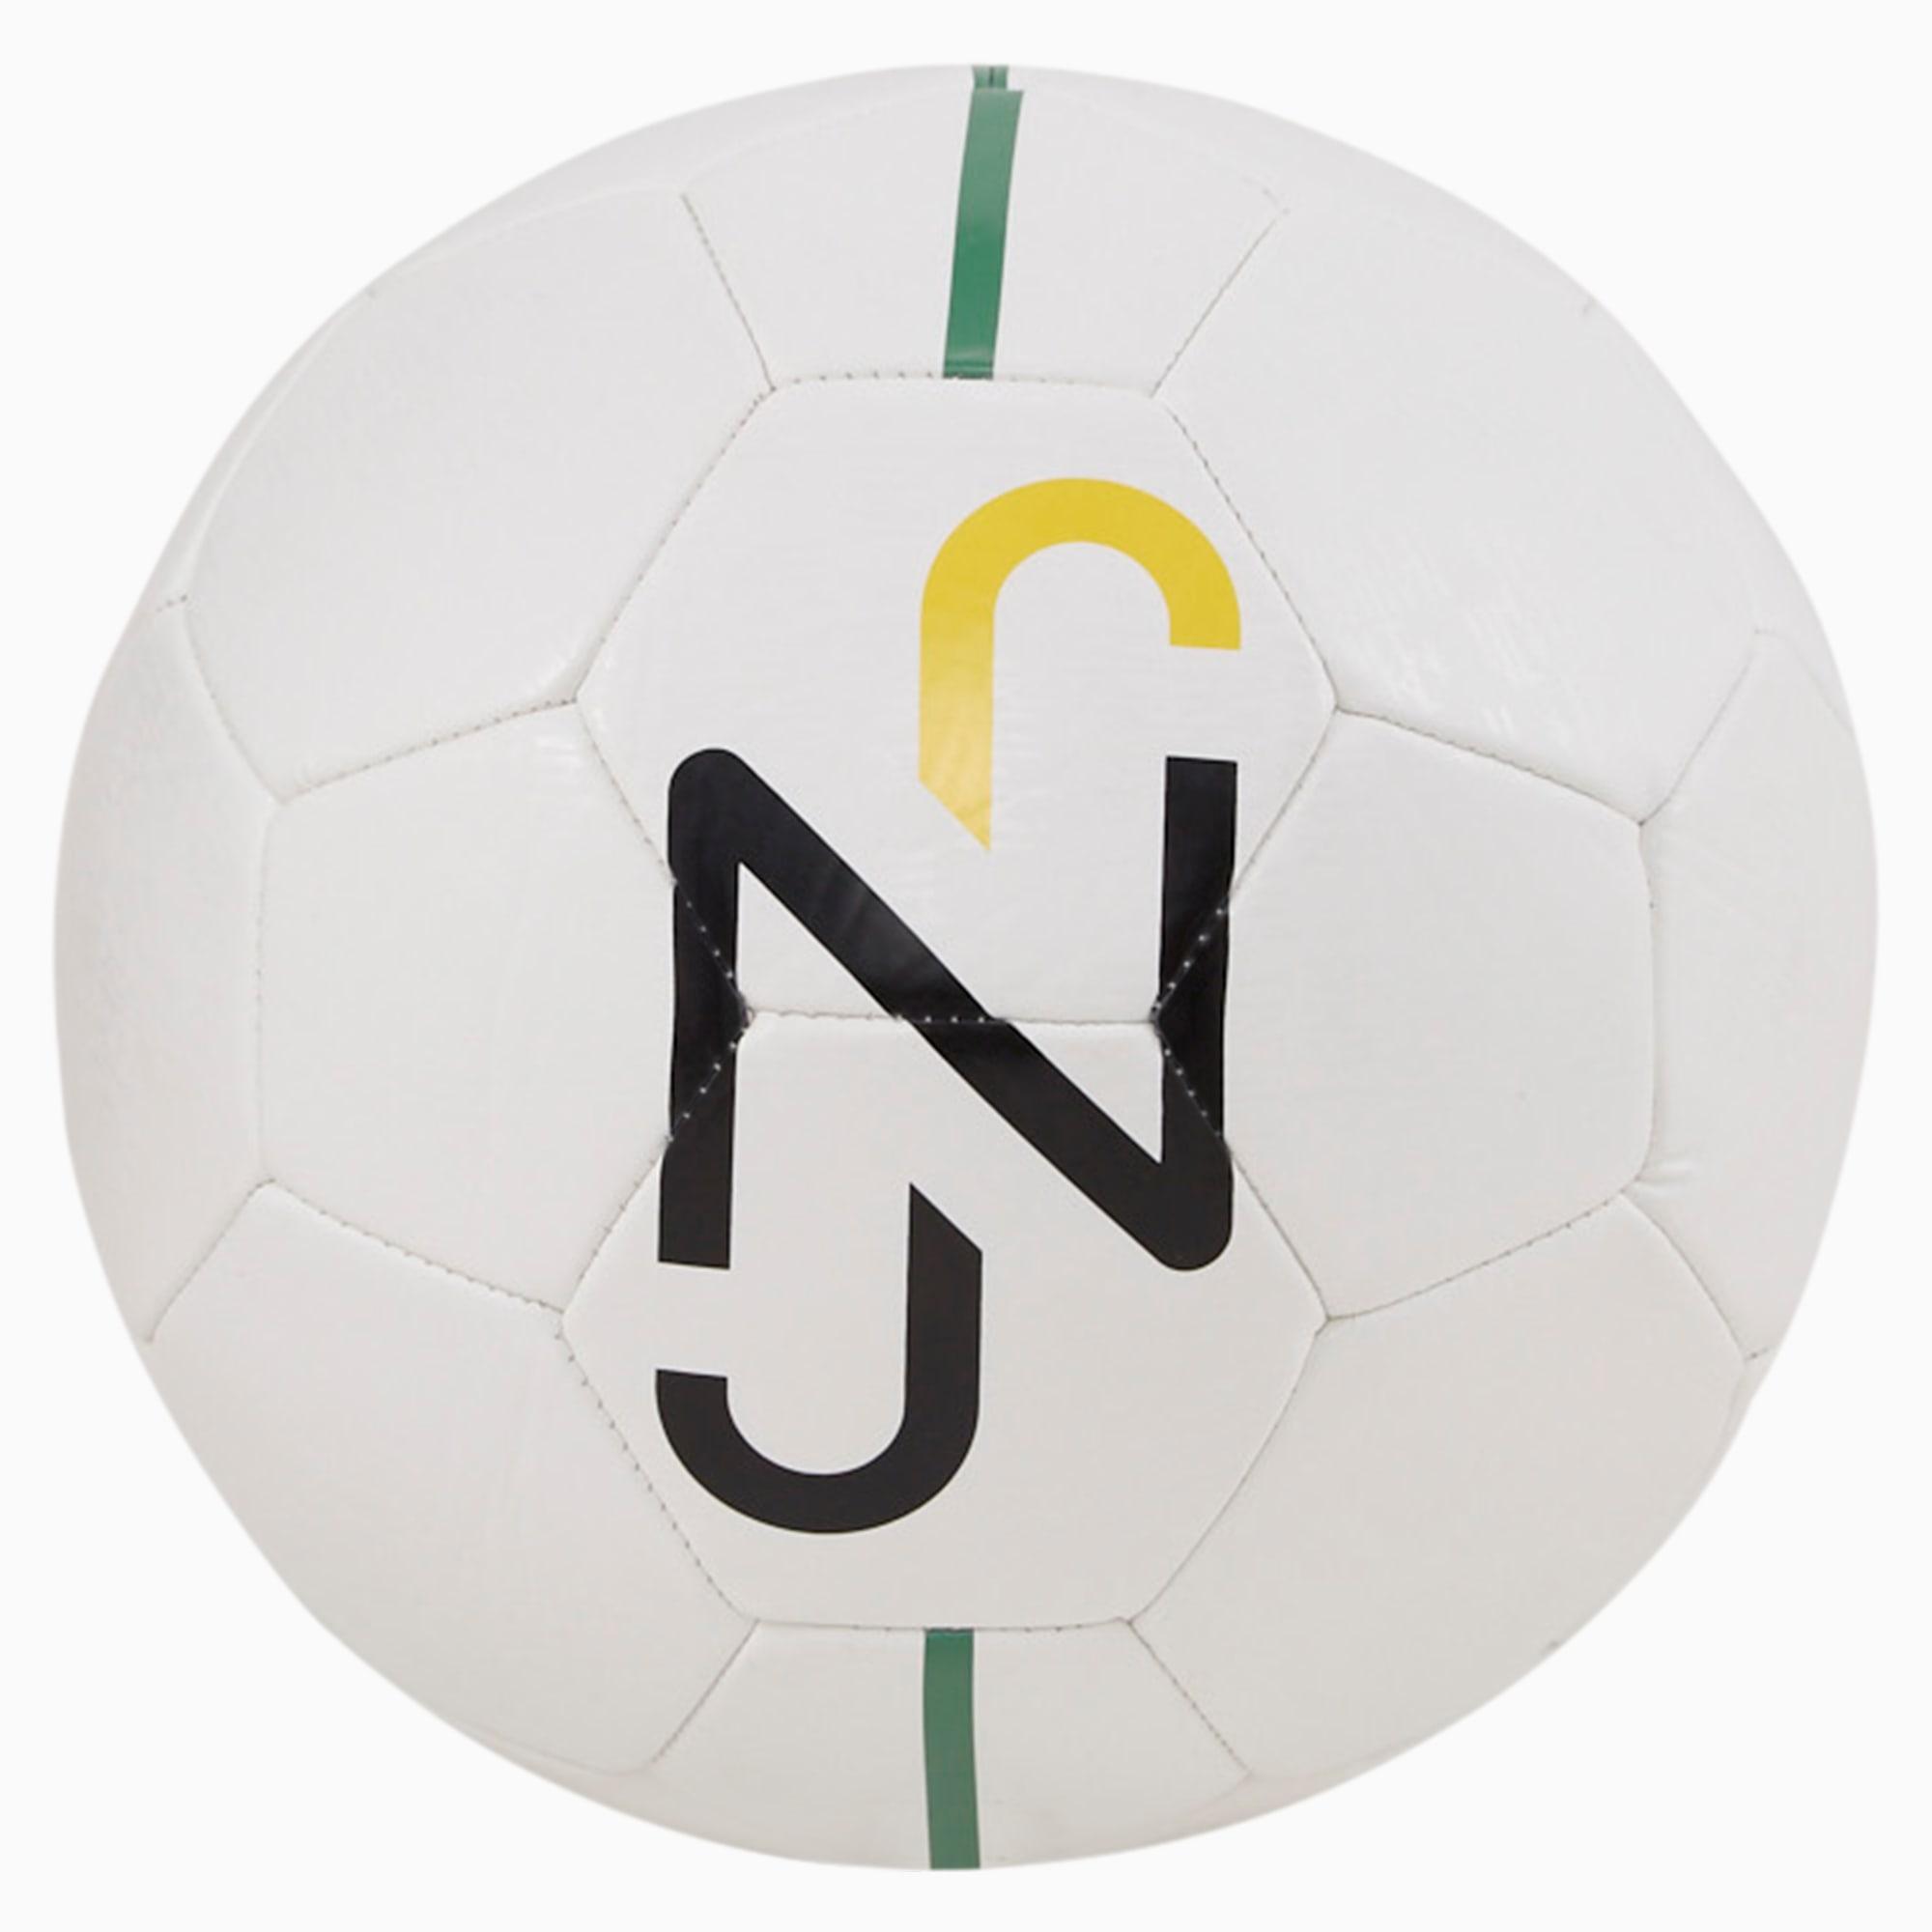 Pallone da calcio per allenamento Neymar Jr Fan, Verde/Nero/Giallo, Taglia 5   PUMA